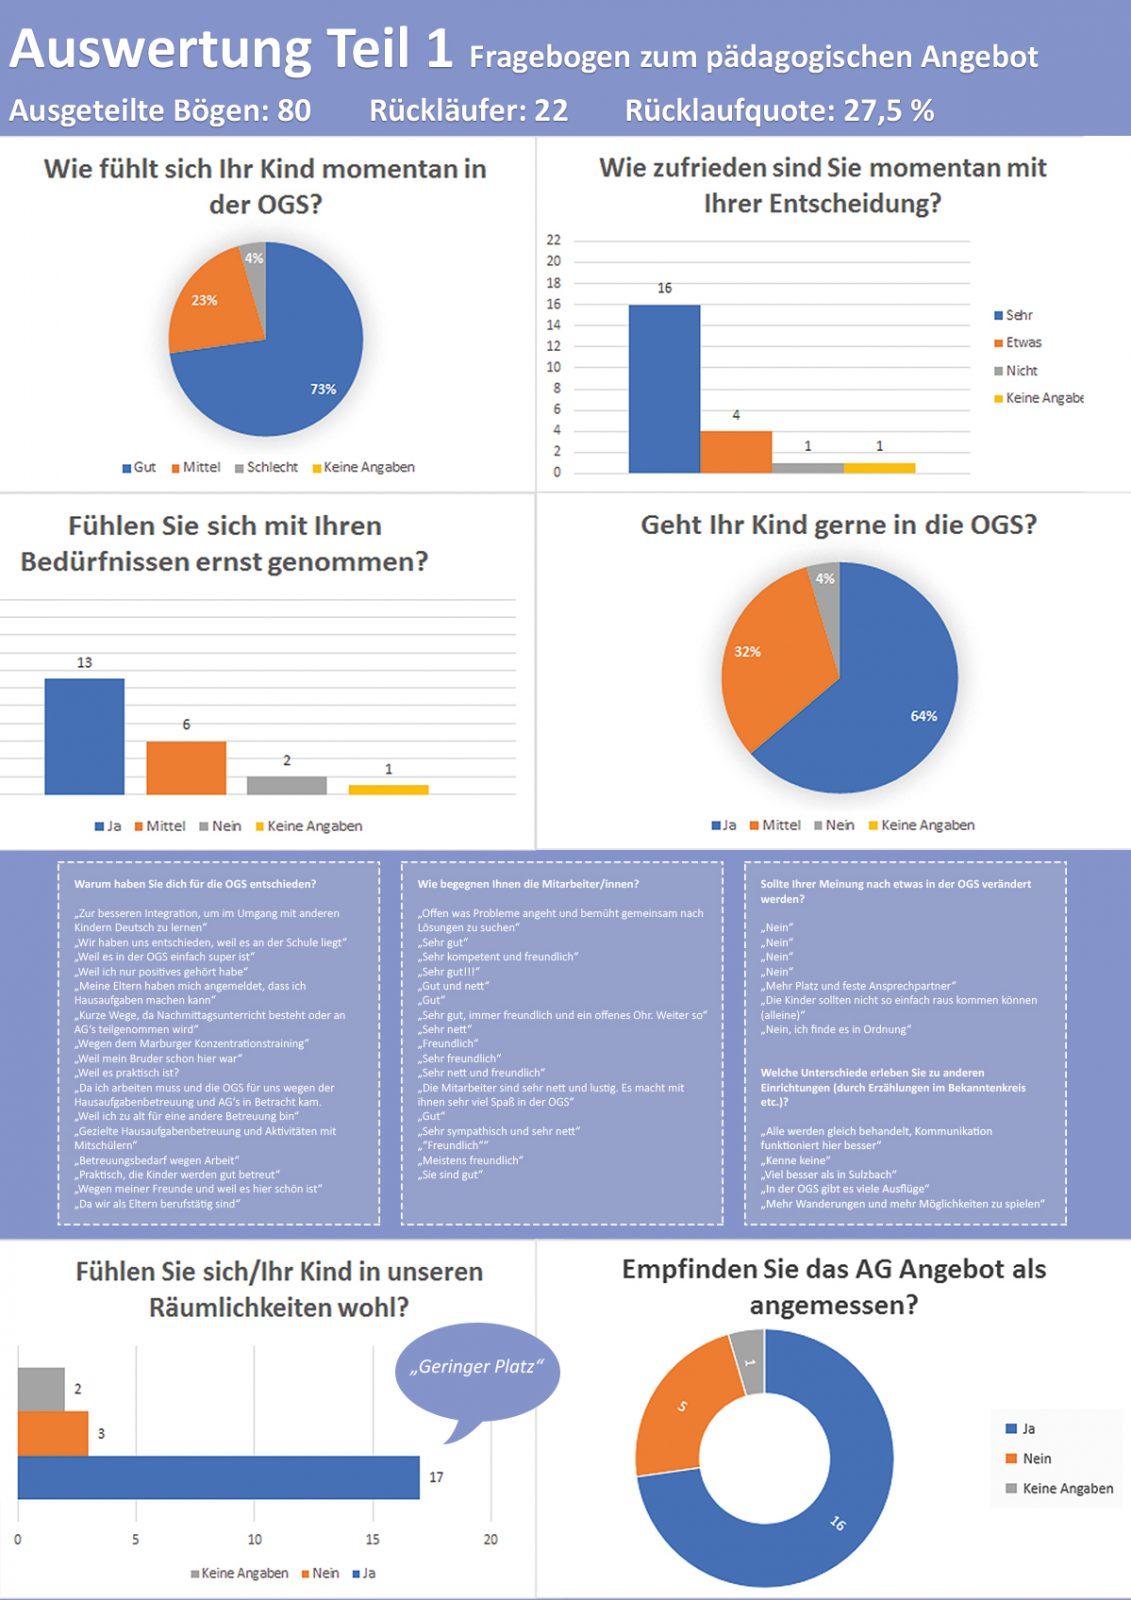 Umfrage Auswertung zum pädagogischen Angebot